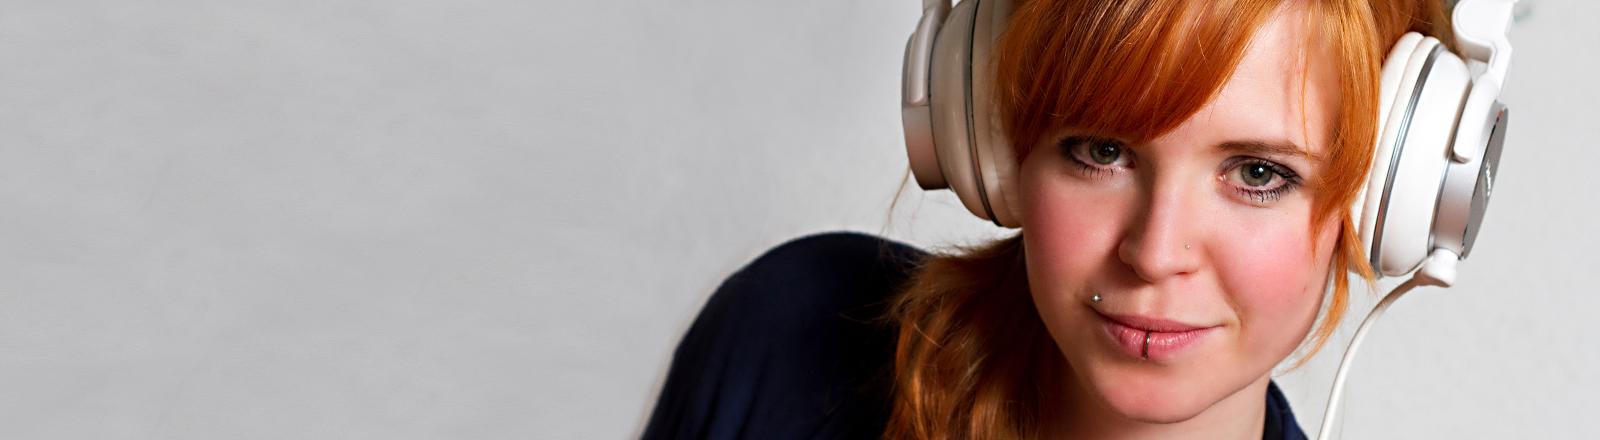 Eine Frau hört Musik über ihre Kopfhörer.